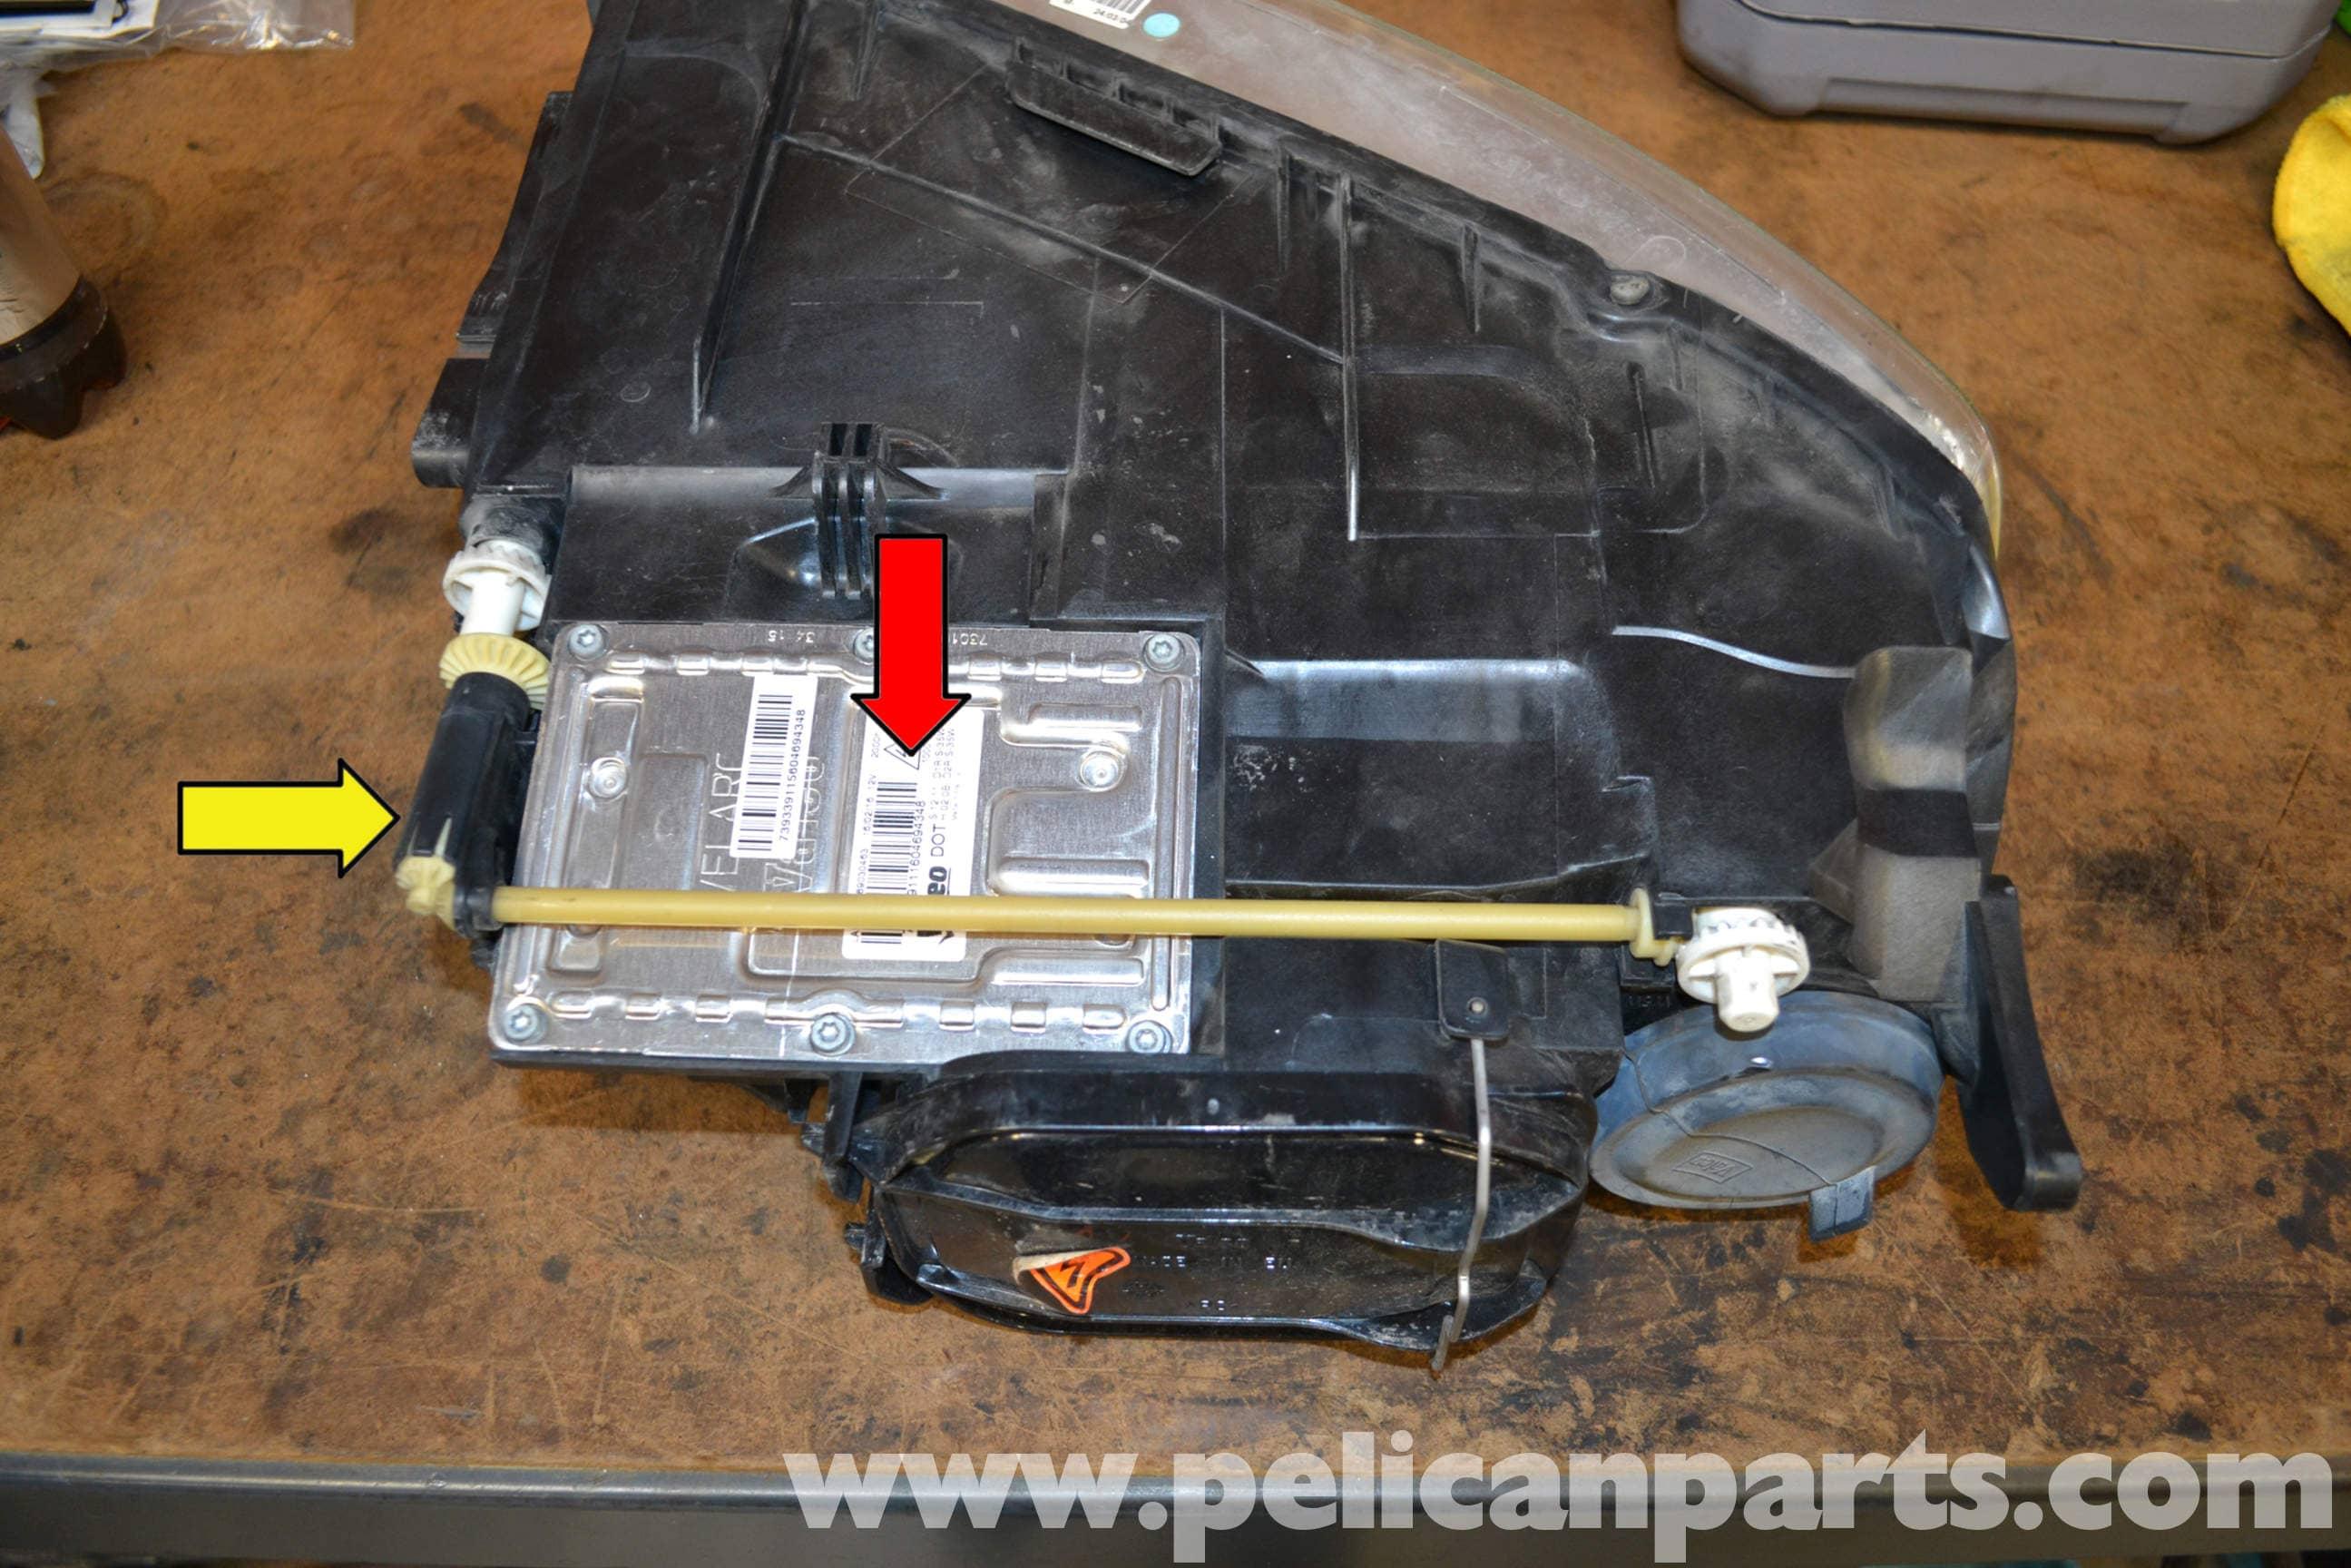 Pelican Technical Article - Volkswagen Touareg